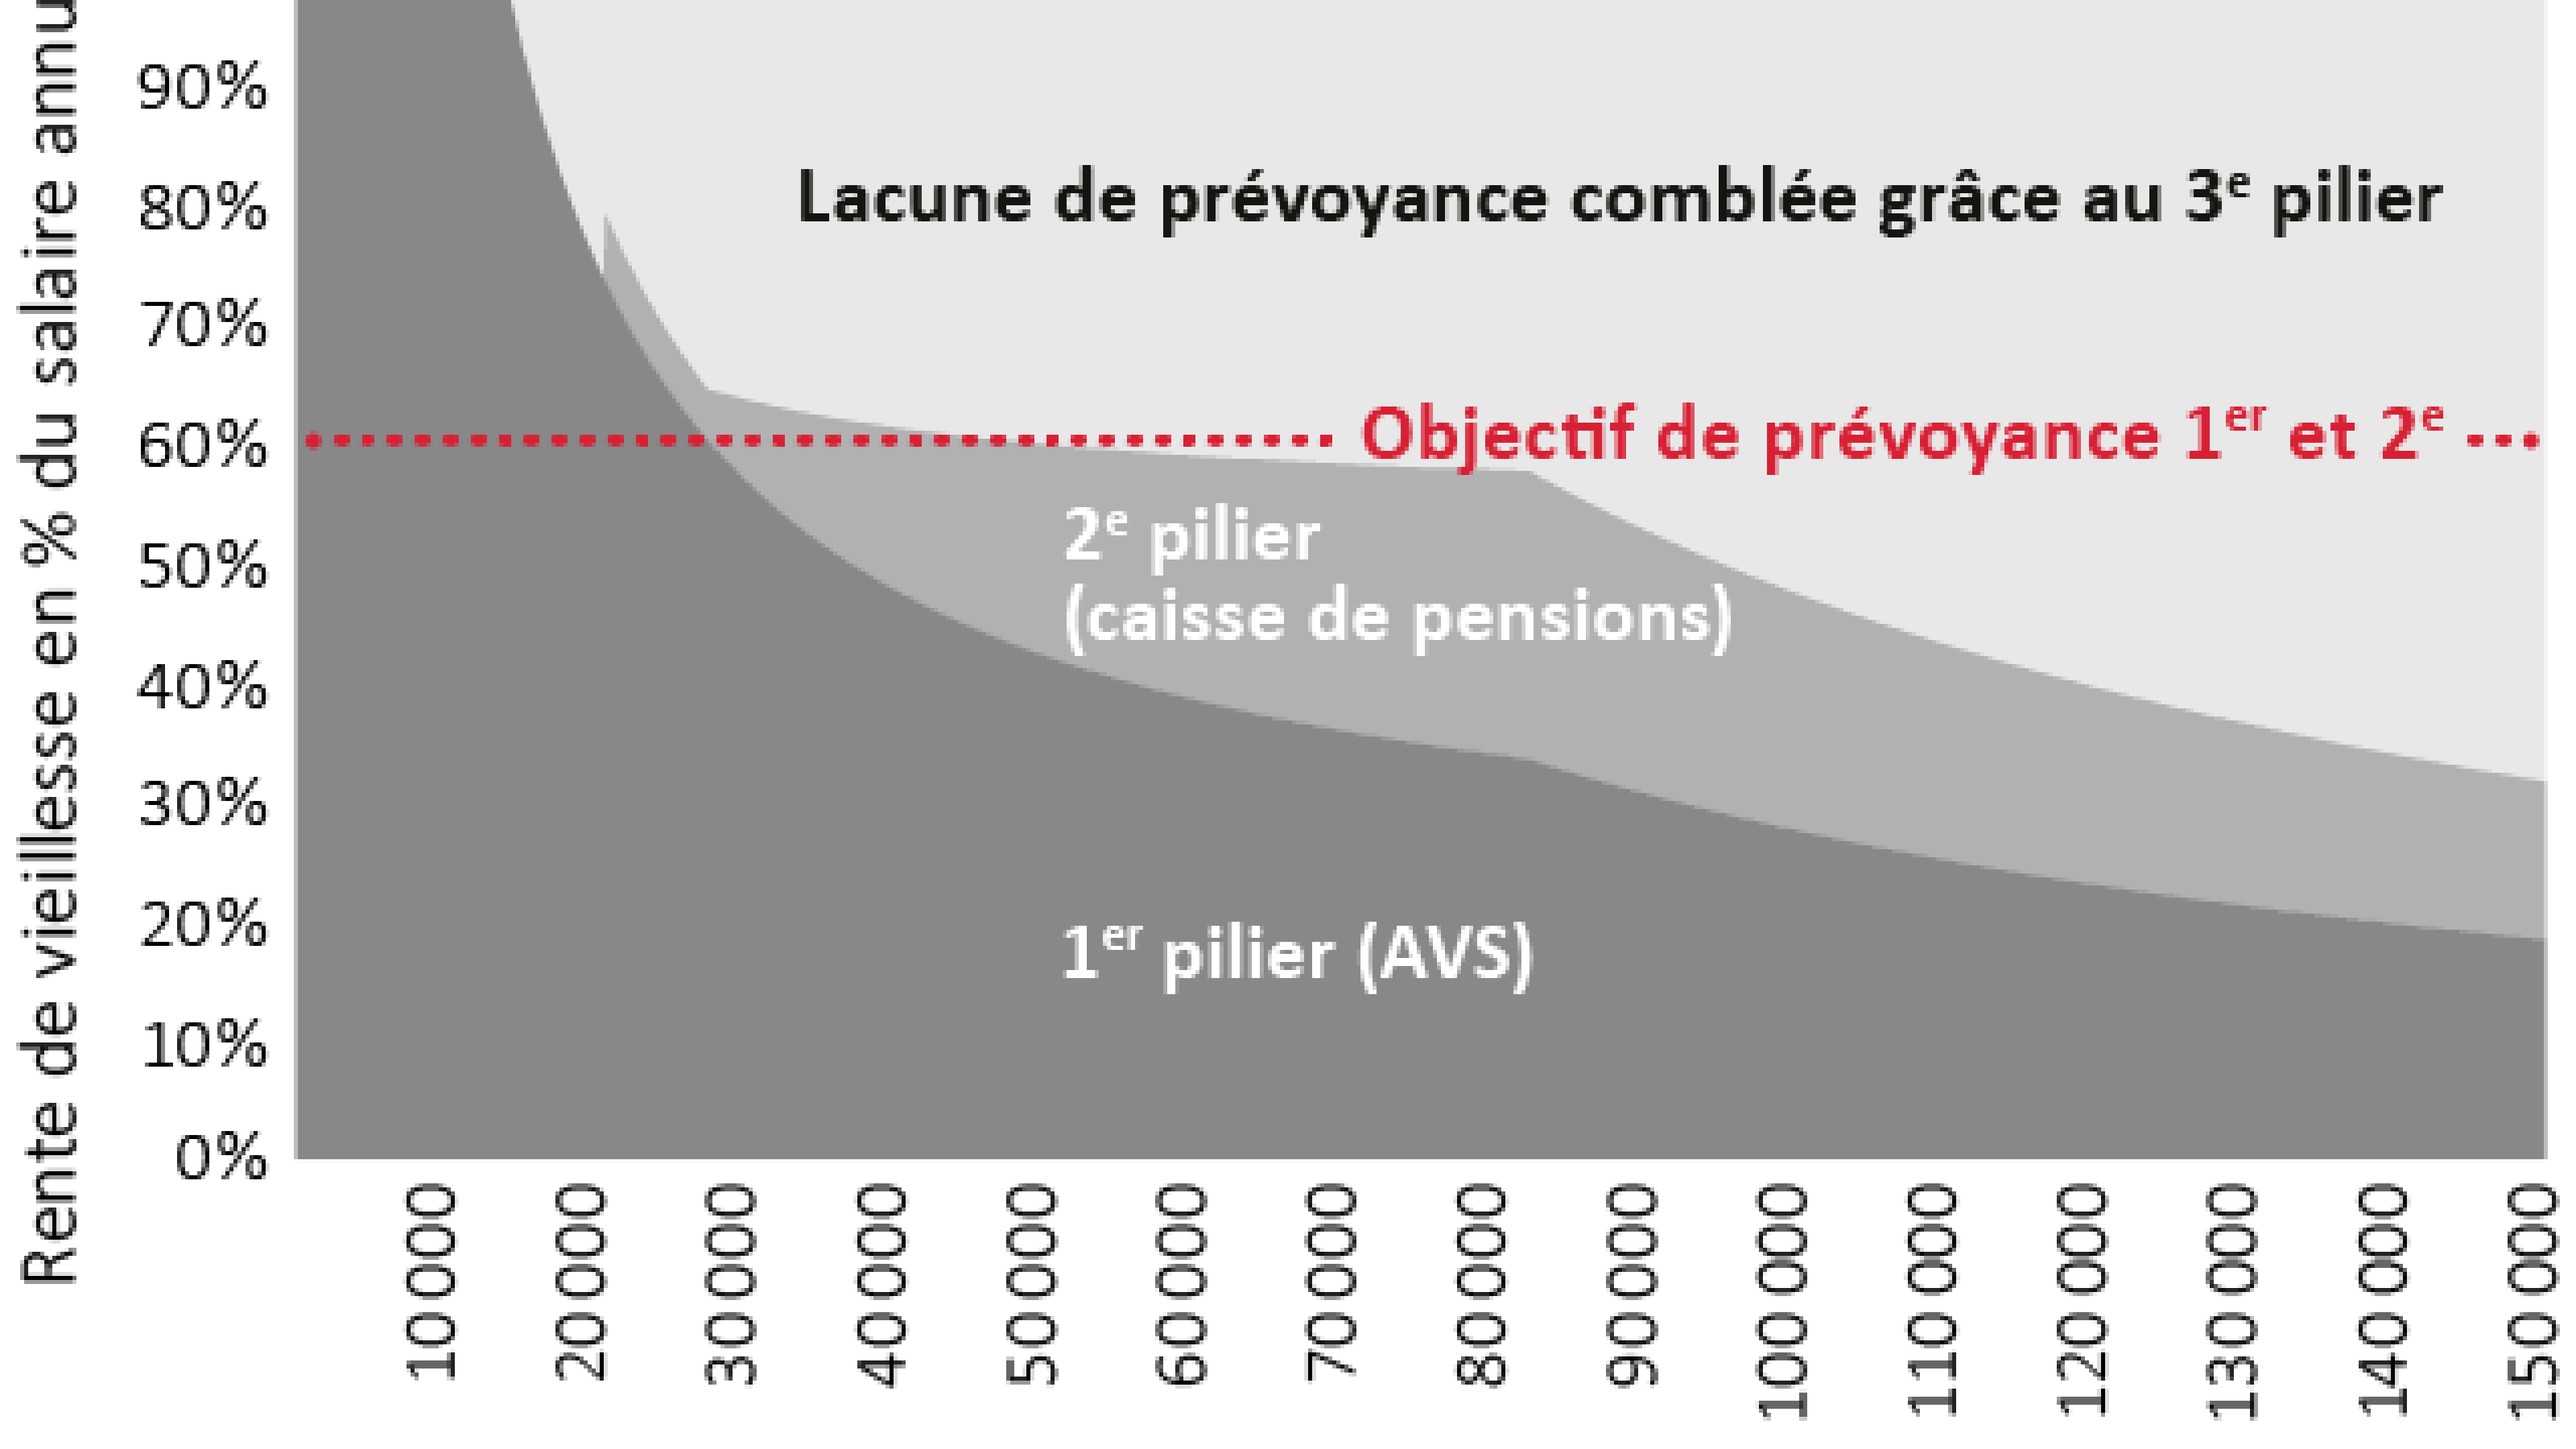 Le 3e Pilier La Prevoyance Privee Pour Combler Les Lacunes Swiss